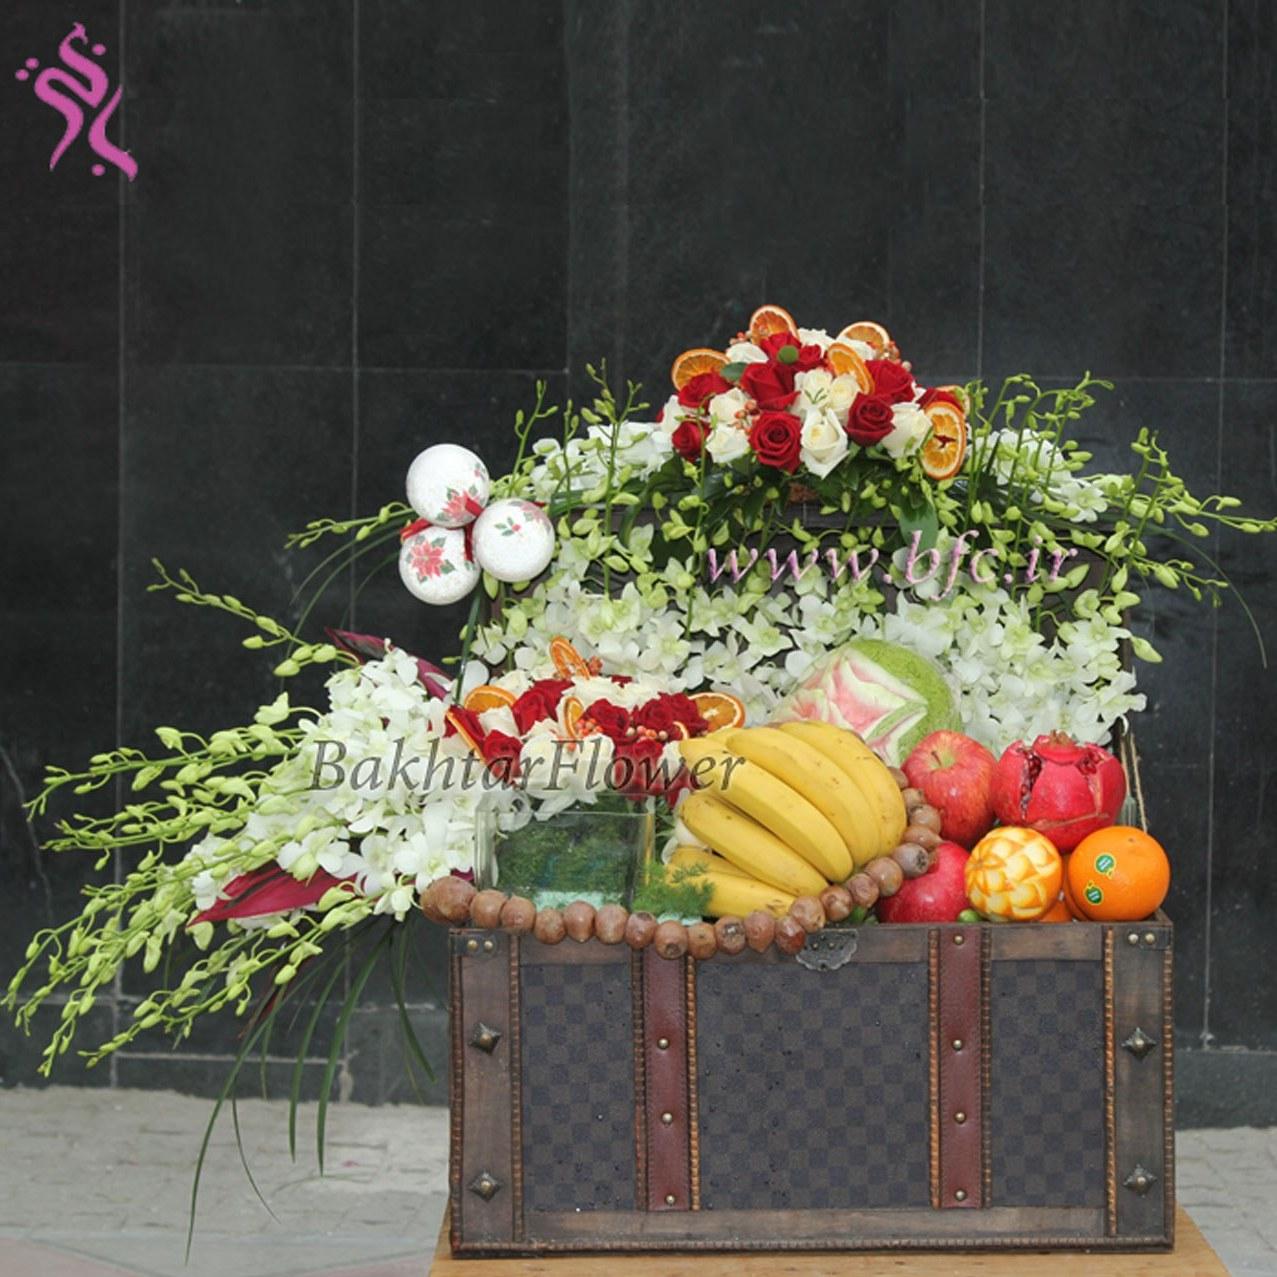 صندوقچه ی میوه و گل ویژه شب یلدا  